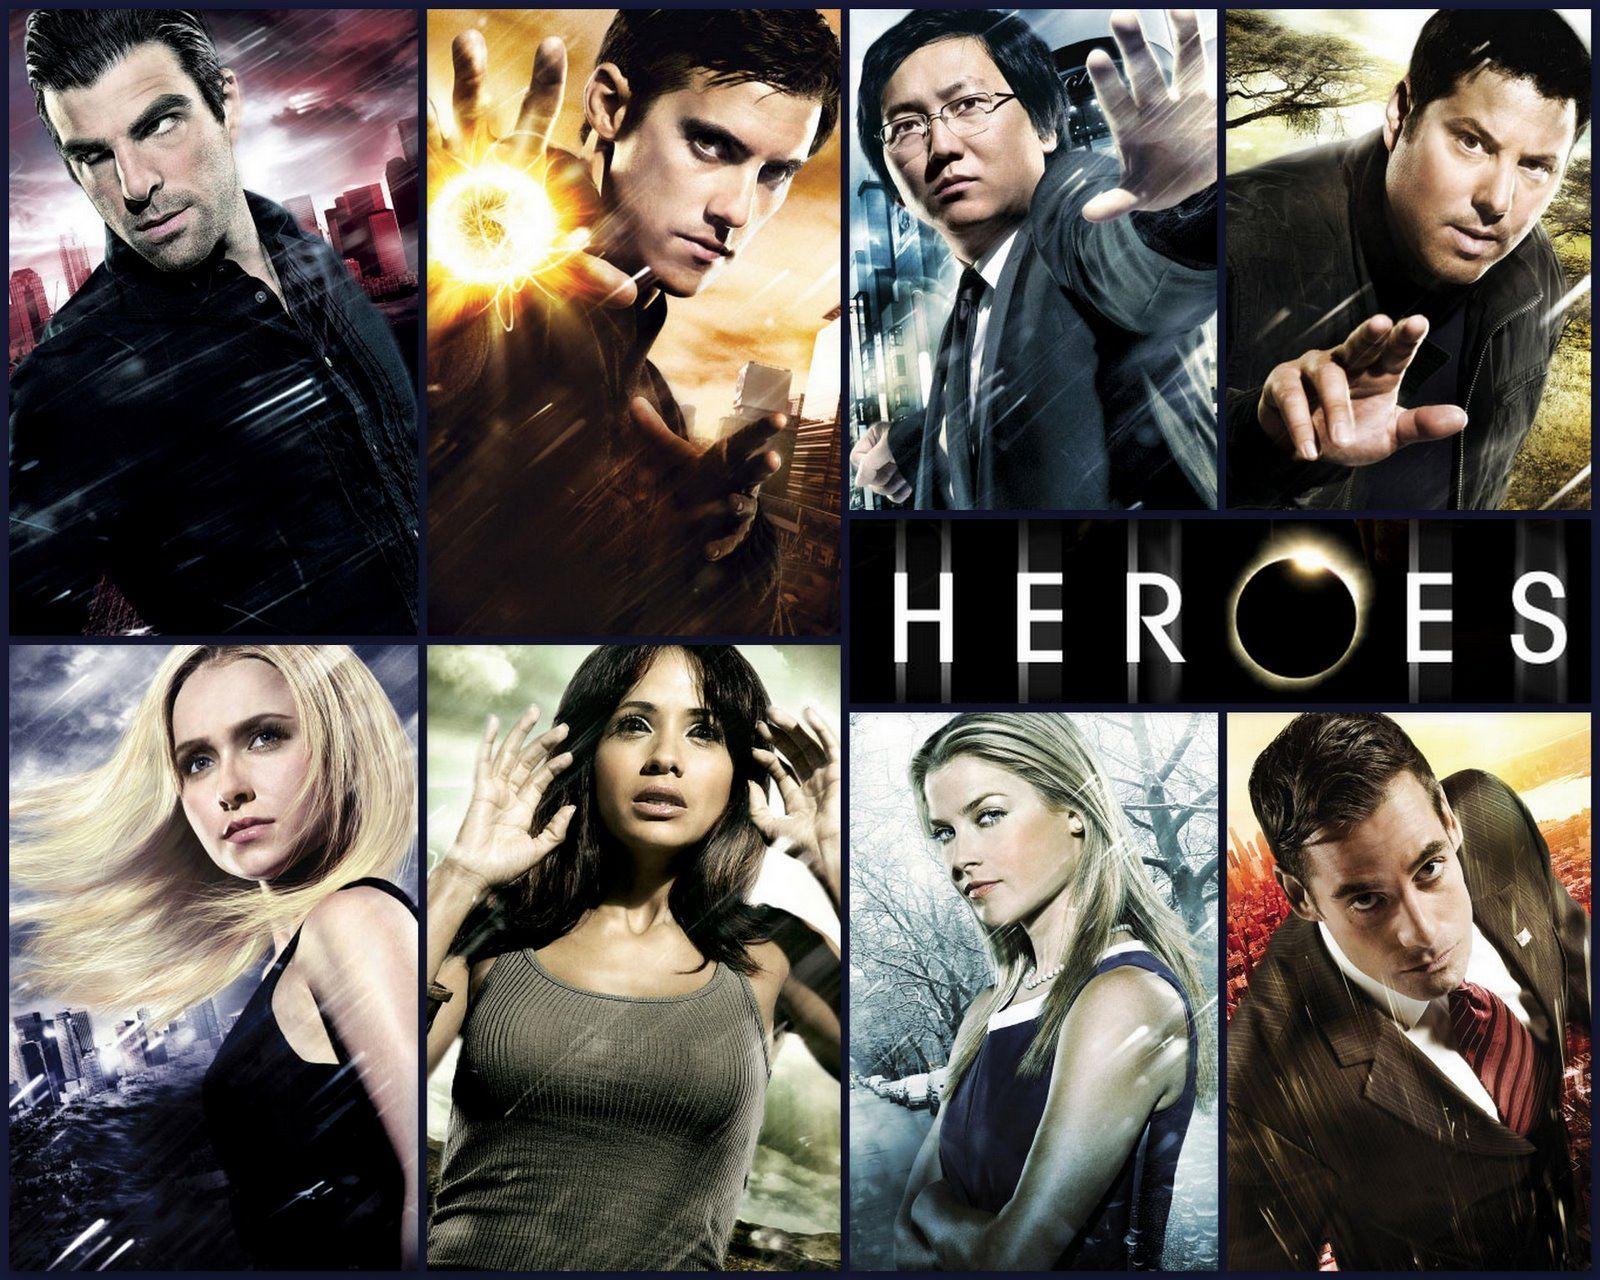 Assistir Heroes Online Legendado Com Imagens Noites De Cinema